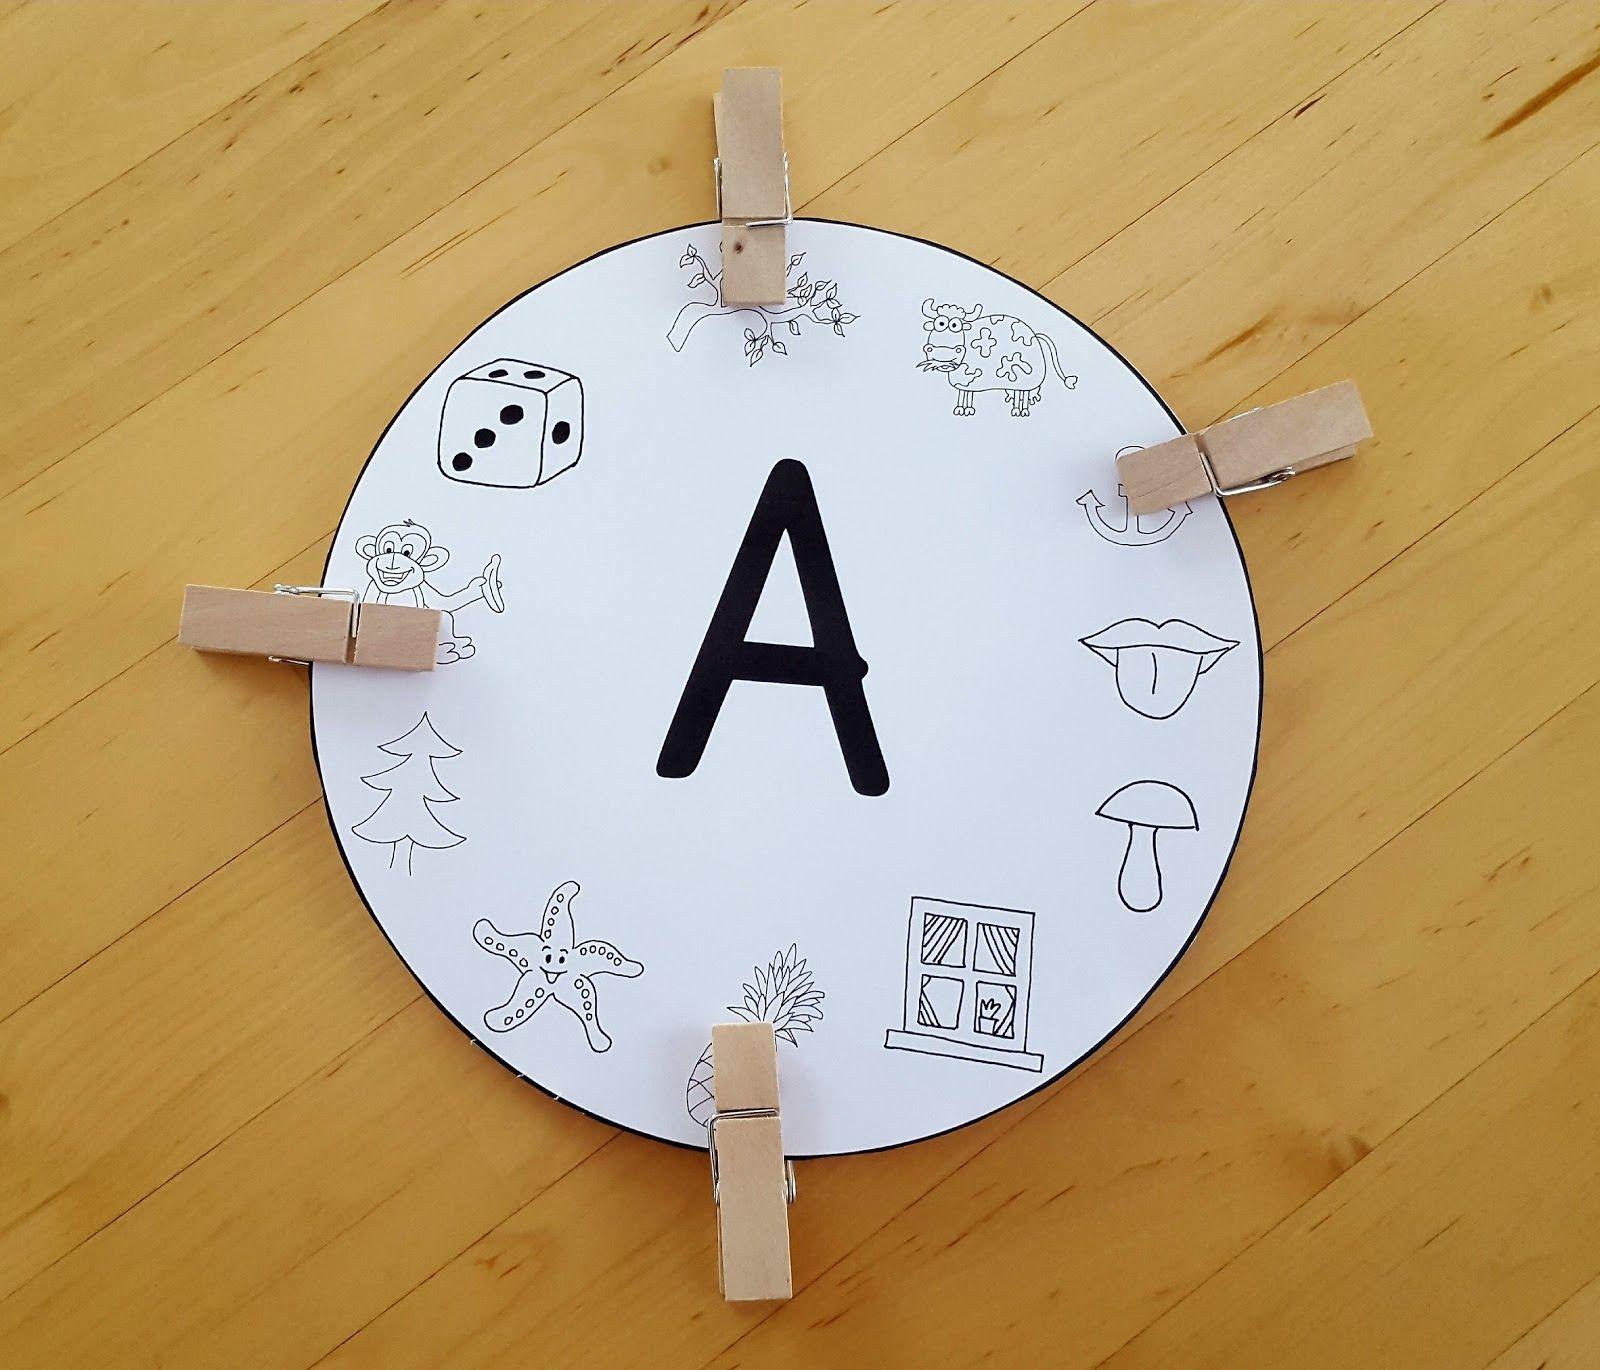 Ich habe für jeden Buchstaben eine solche Anlautscheibe entworfen ...